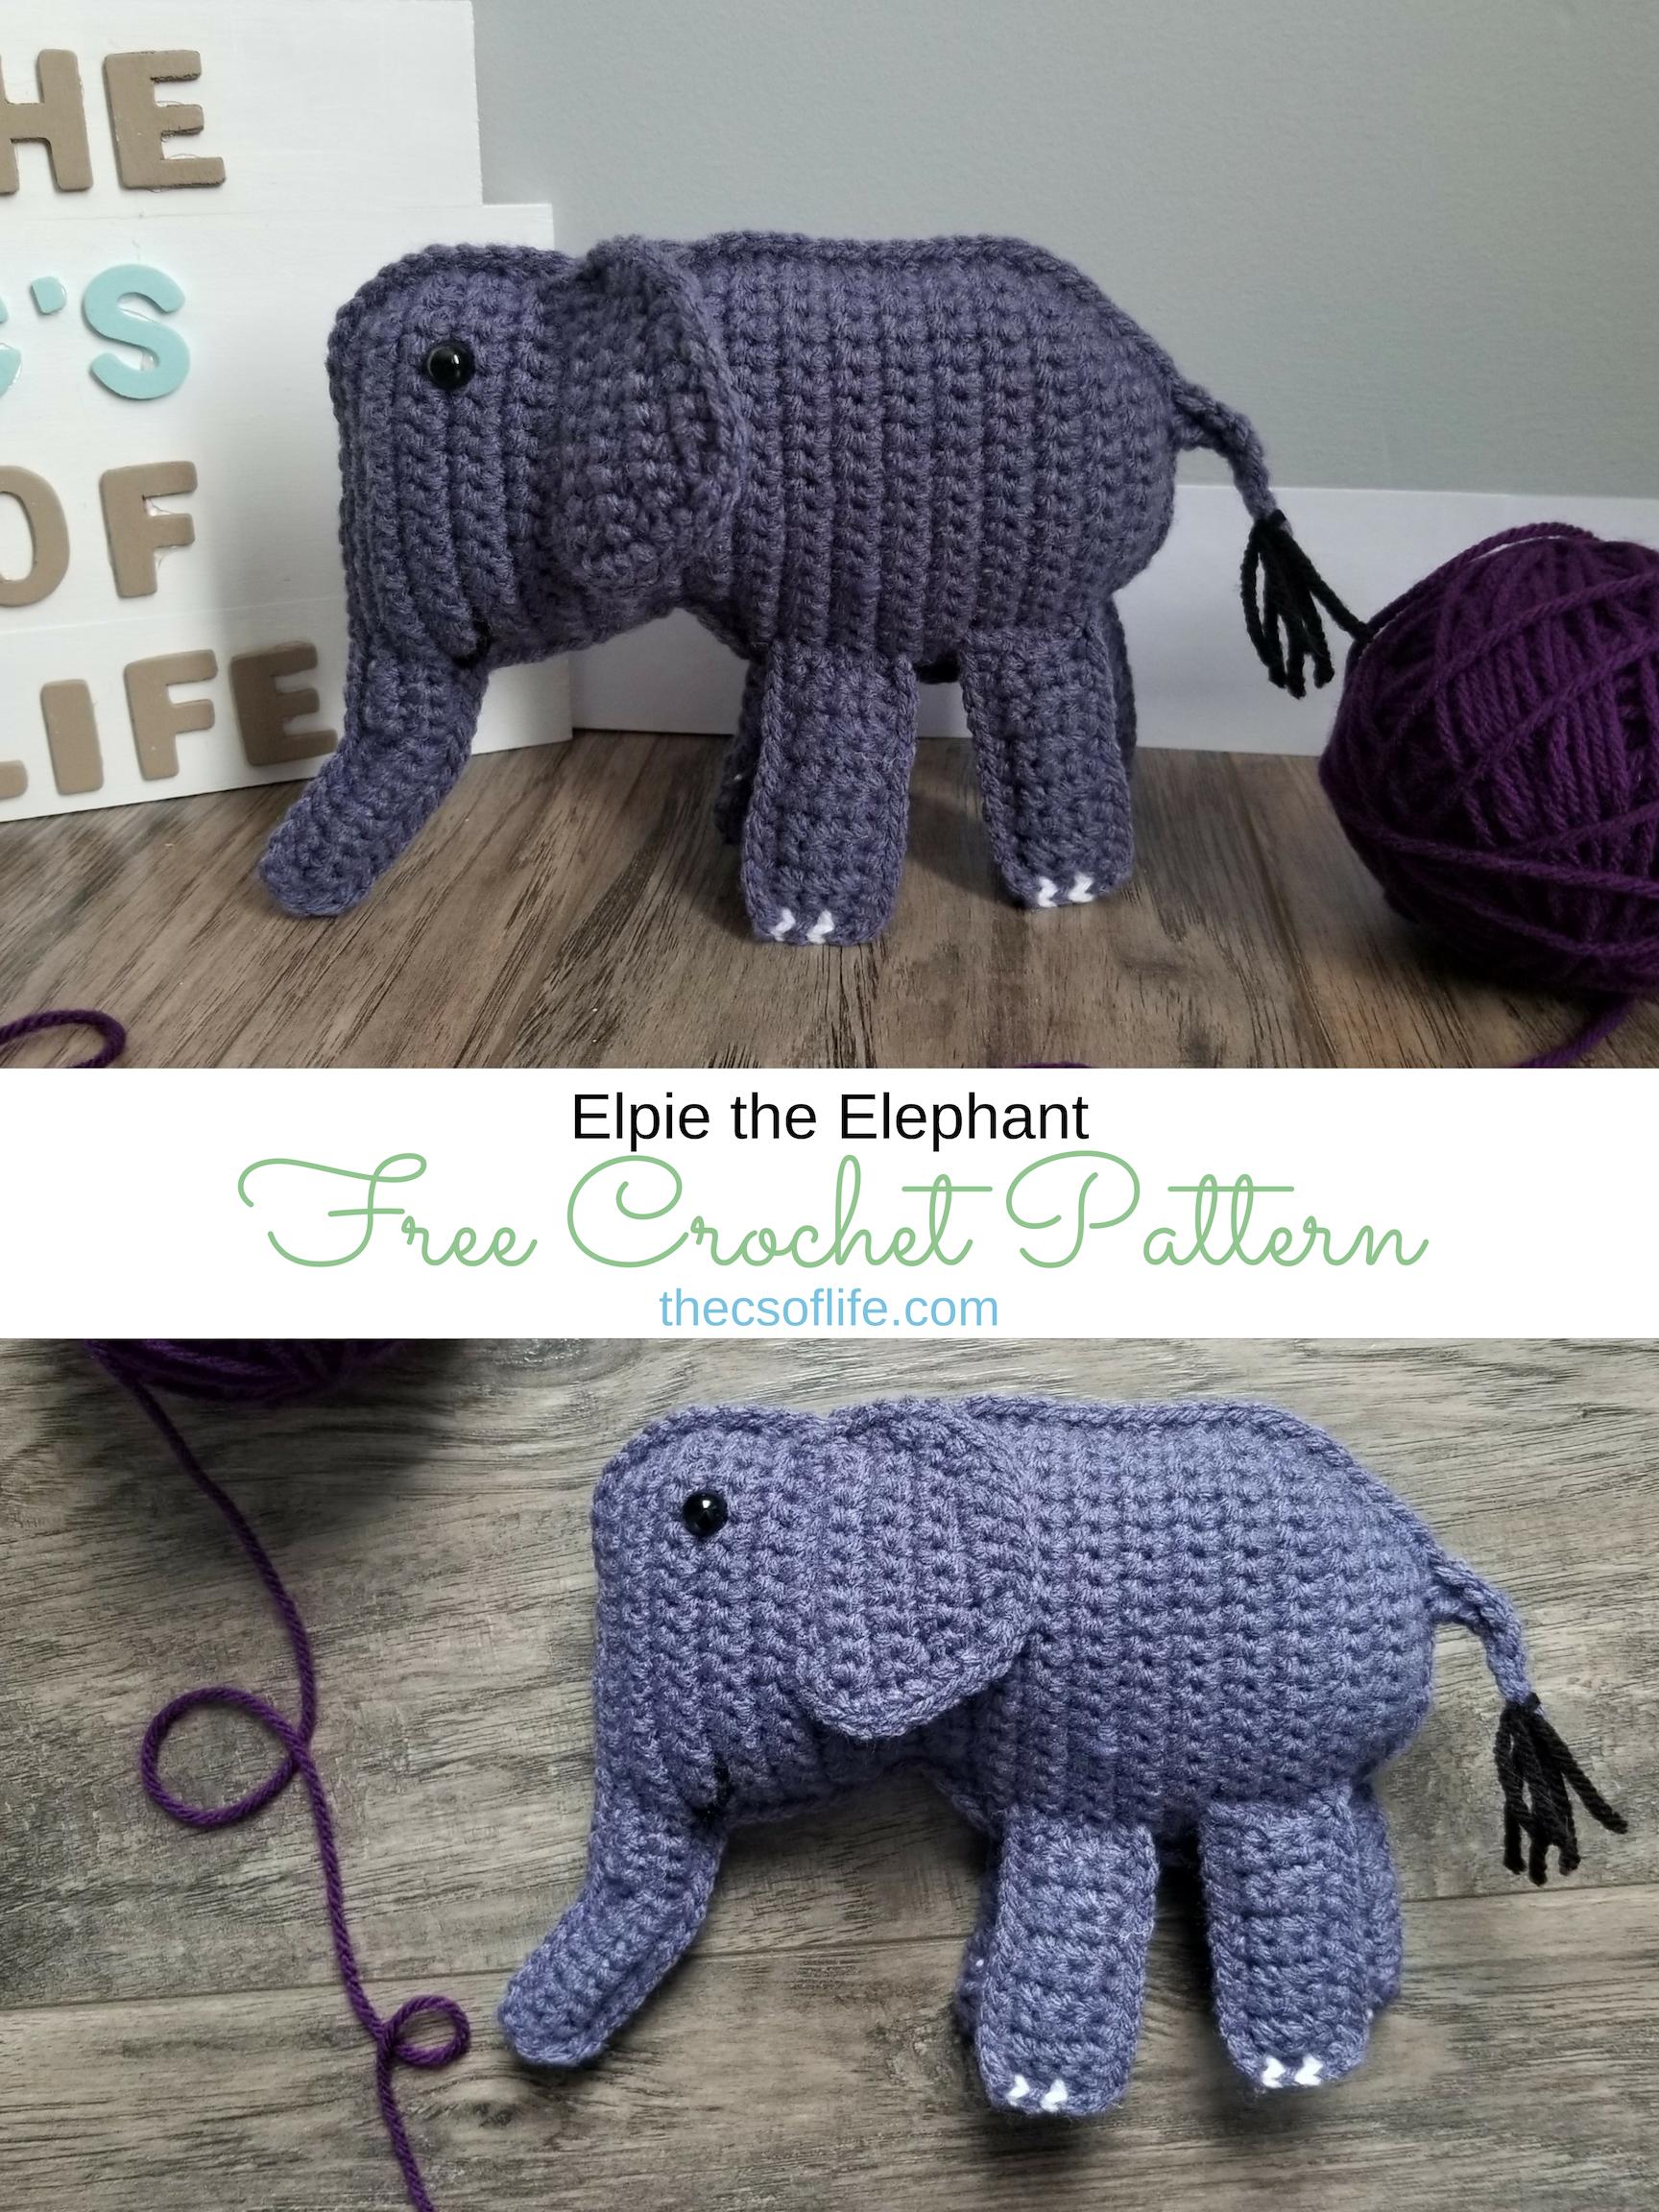 Elpie the Elephant - Free Crochet Pattern